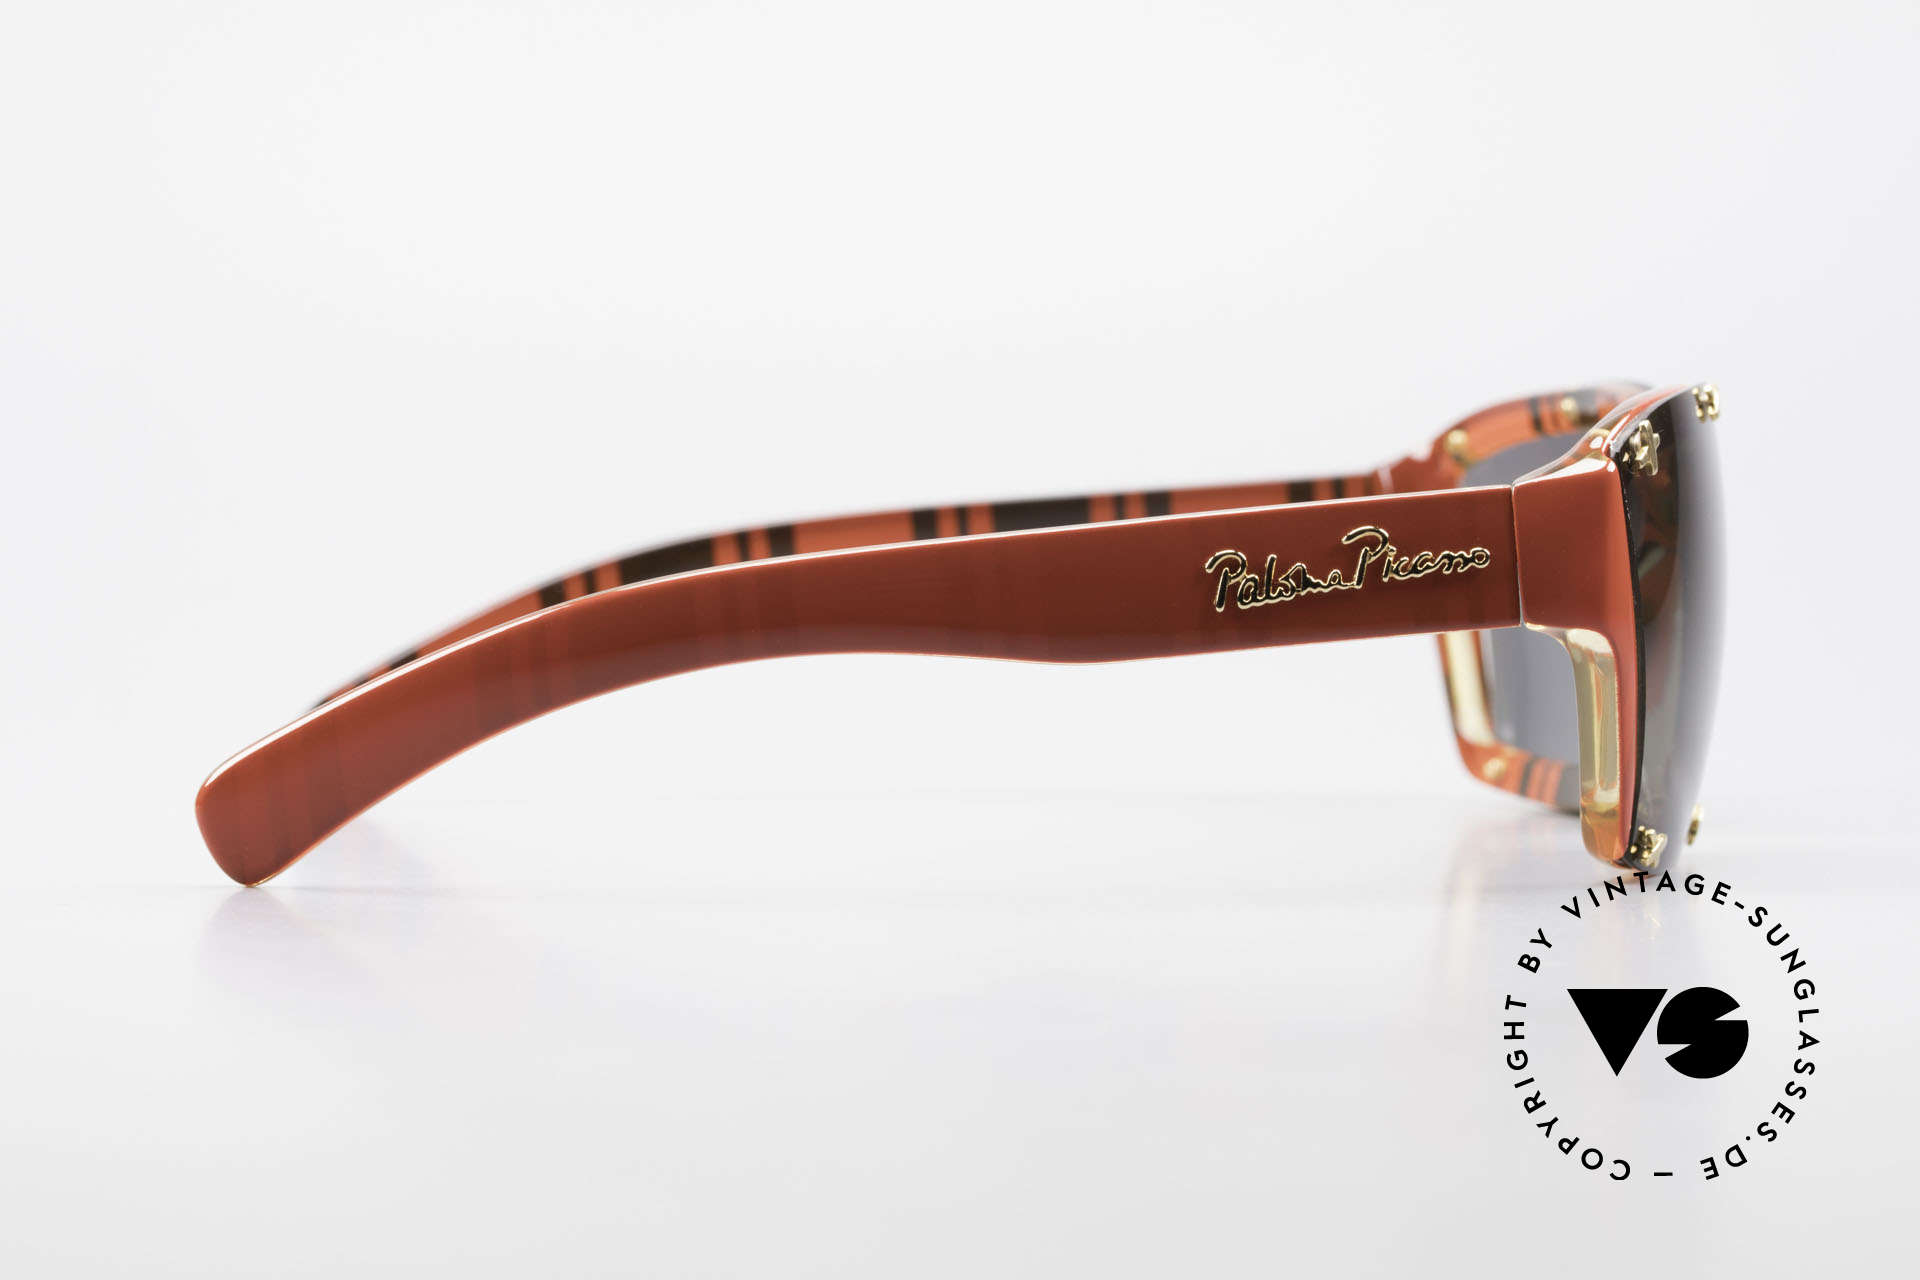 Paloma Picasso 3702 No Retro Sunglasses Ladies, NO RETRO style shades! but a proud original one!, Made for Women